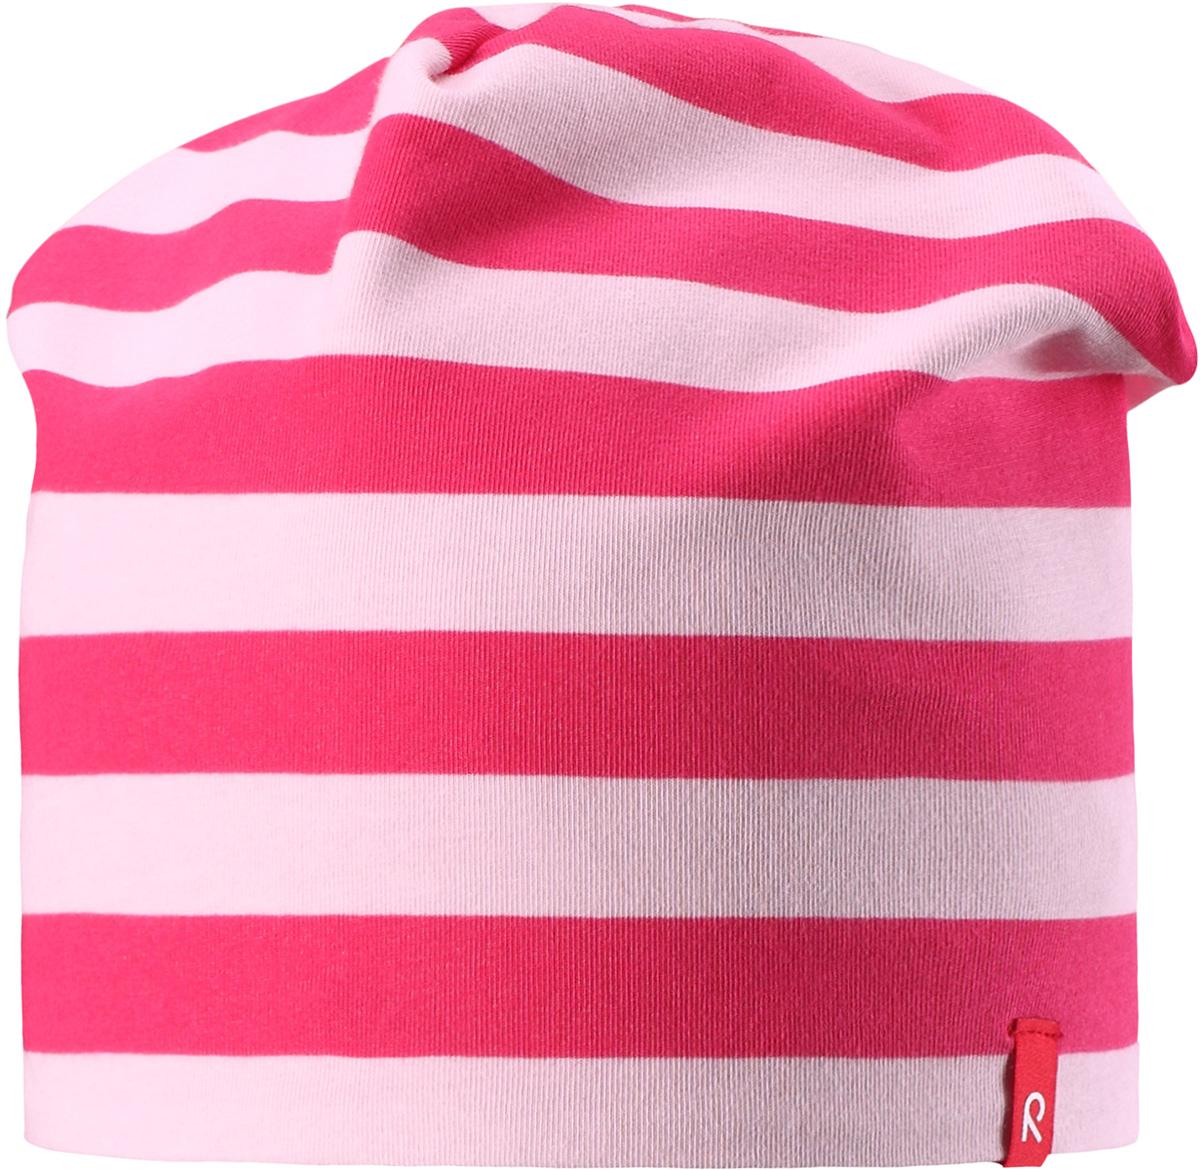 Шапка детская Reima Frappe, цвет: розовый. 5285153369. Размер 545285153369Легкая шапка для малышей яркой расцветки с УФ-защитой 40+. Шапка изготовлена из дышащего и быстросохнущего материла Play Jersey, эффективно выводящего влагу с кожи. Двусторонняя шапка в одно мгновение превращается из разноцветной в однотонную!